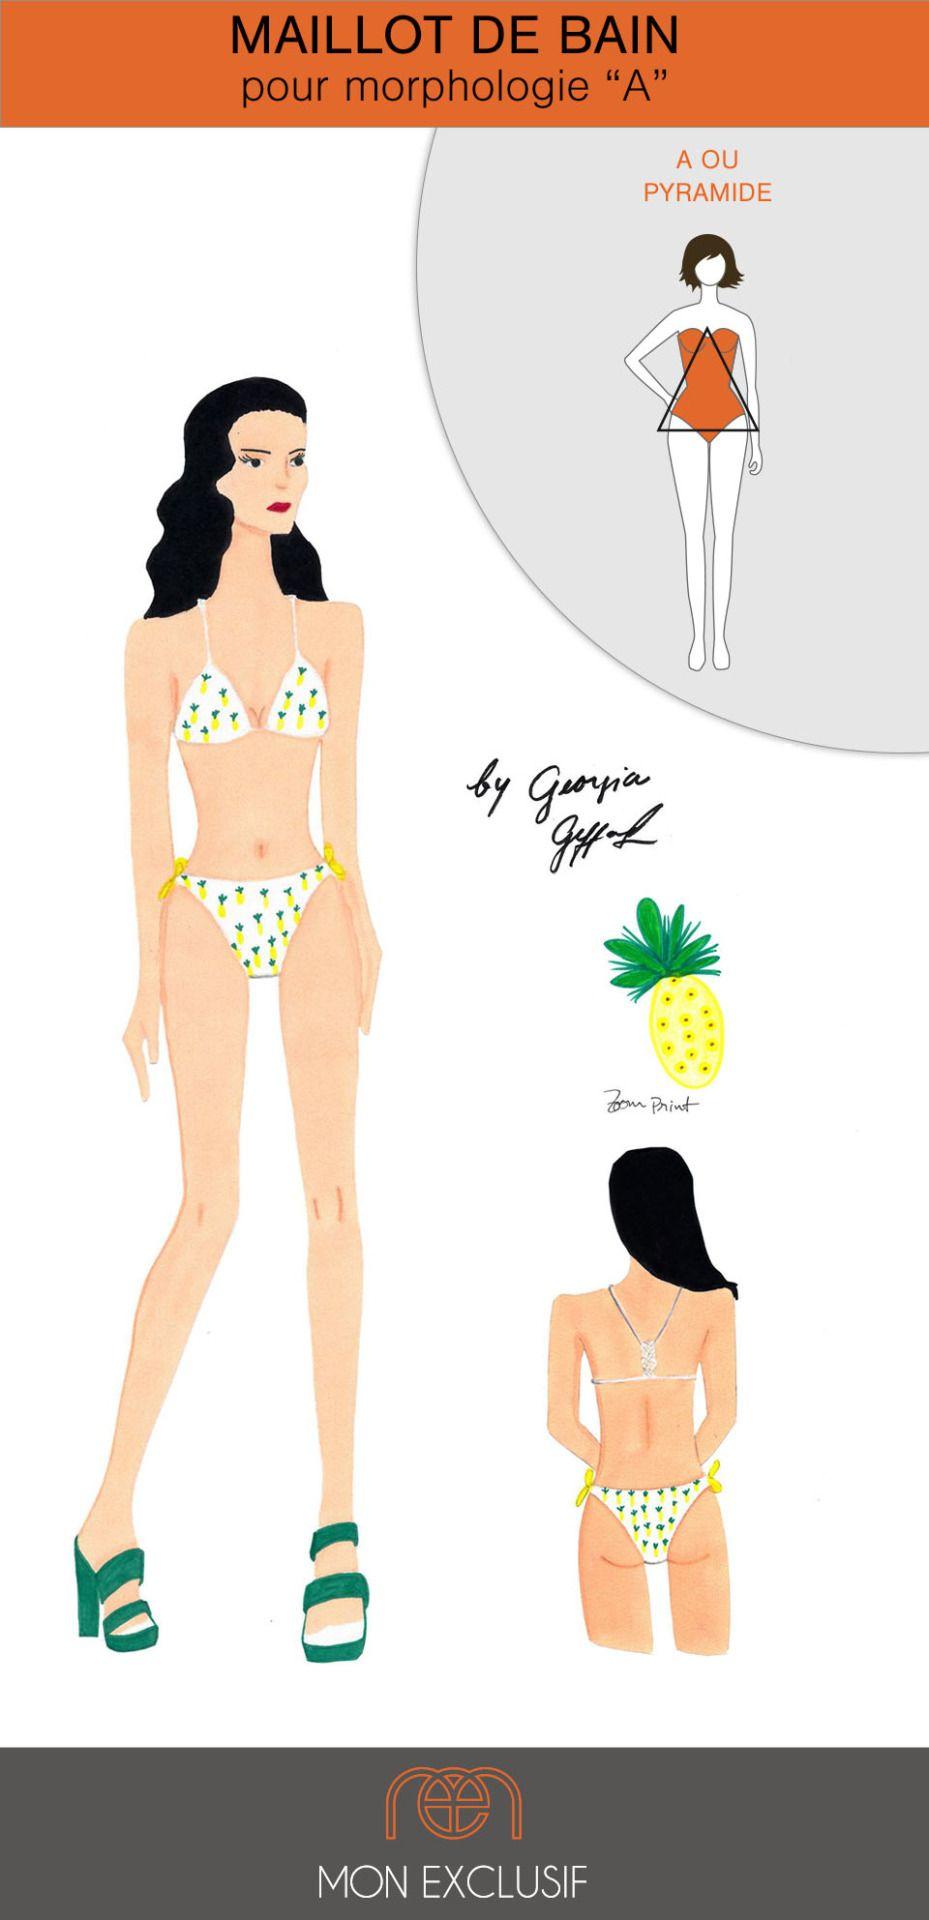 62e3d46bc5 Votre silhouette forme un V. Georgia Its vous a dessiné ce maillot de bain  deux-pièces qui valorise votre poitrine avec des formes ...